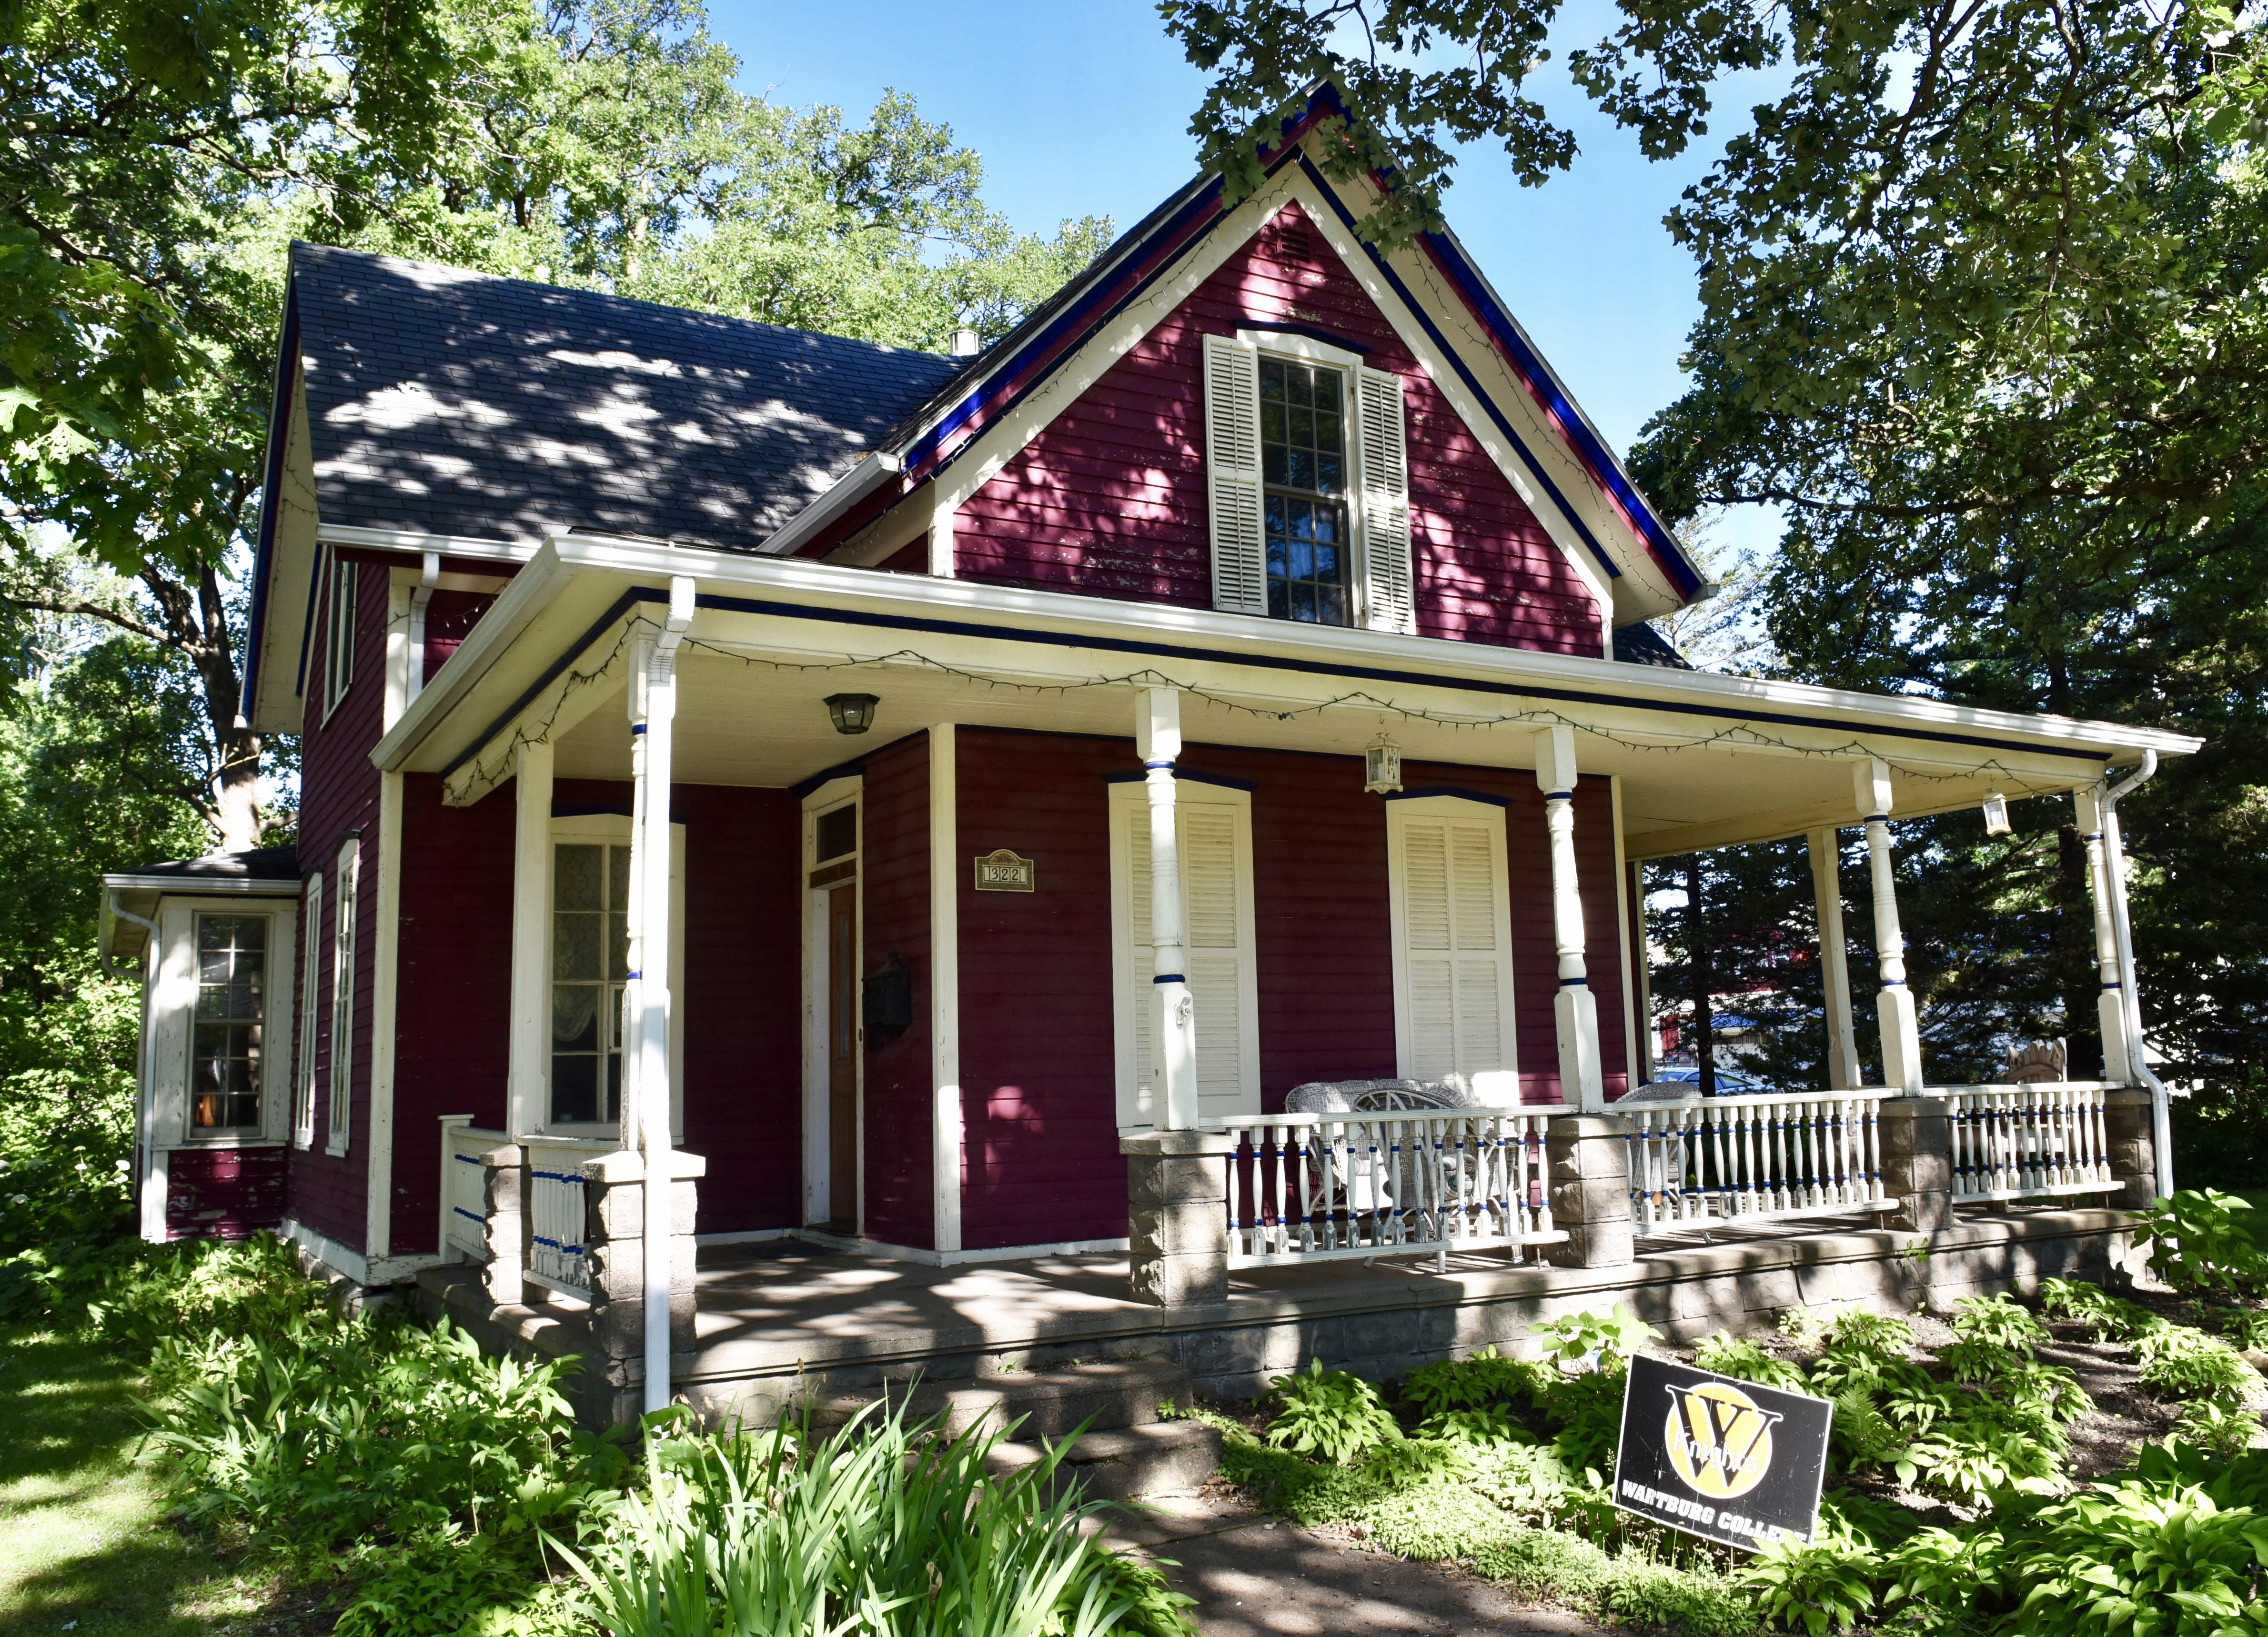 Se Rd St Boynton Beach Florida Property Taxes